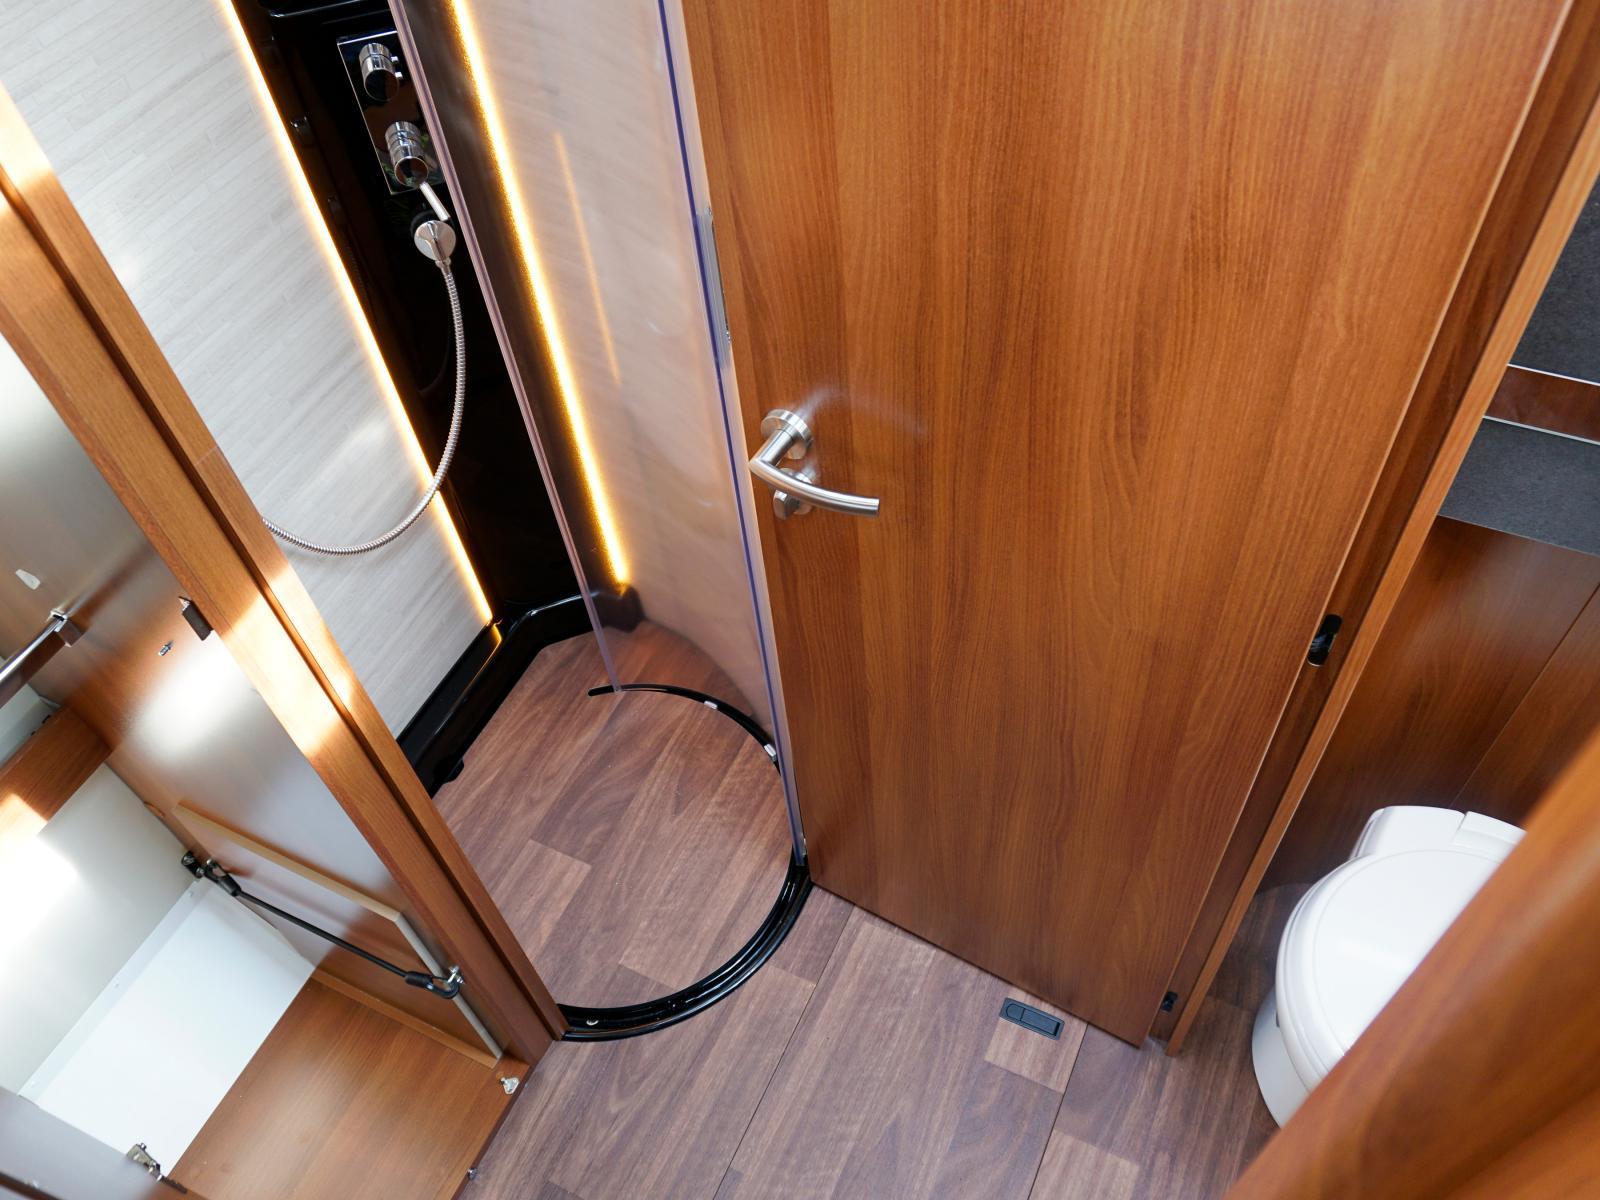 Med toalettdörren kan mittgången stängas av och plötsligt erbjuds ett rum med dusch, handfat, toa och stor garderob.